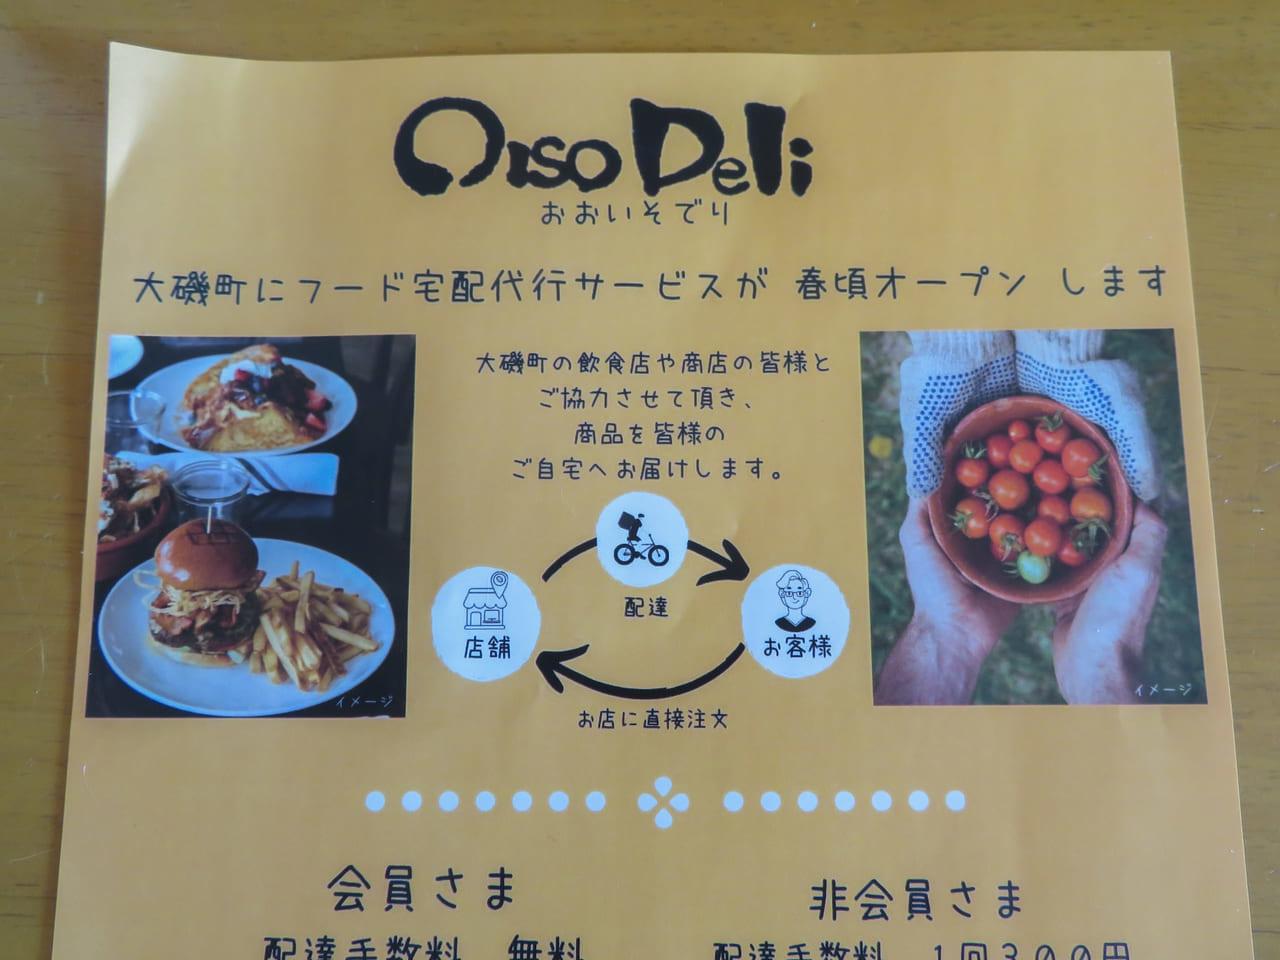 大磯町のフード宅配サービス「オオイソデリ」が4月にスタート!